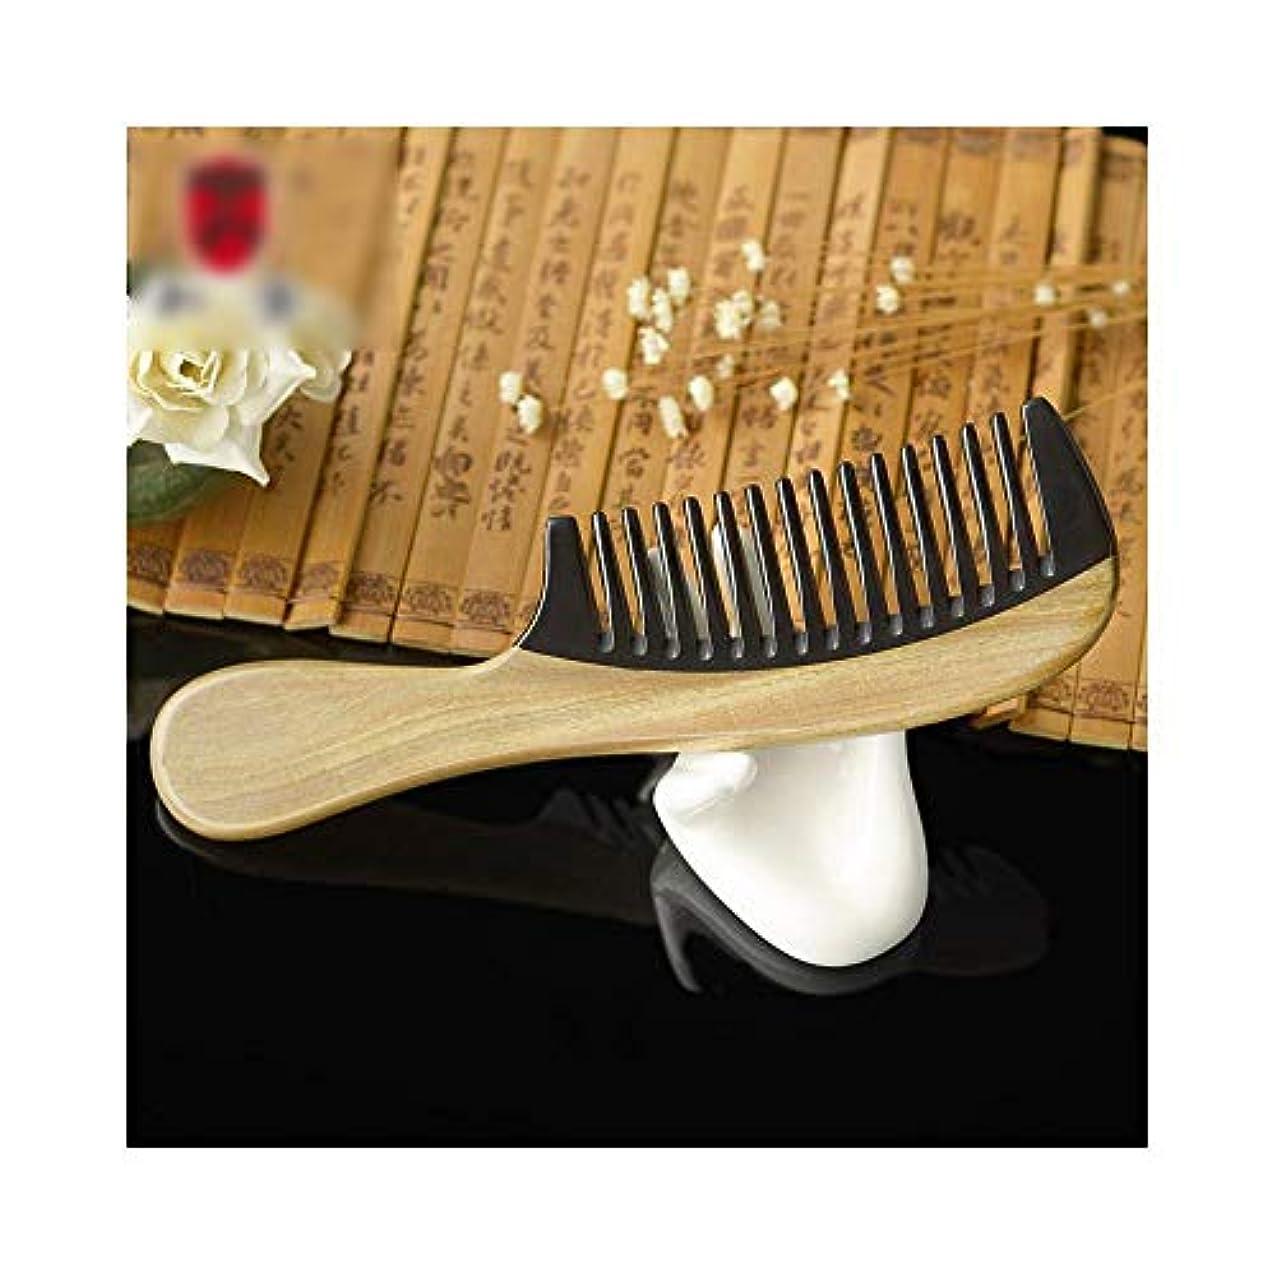 重要な十一全員ファインと広い歯ナチュラルサンダルウッドバッファローホーンくし - 静的な木製のくし ヘアケア (色 : 1872)